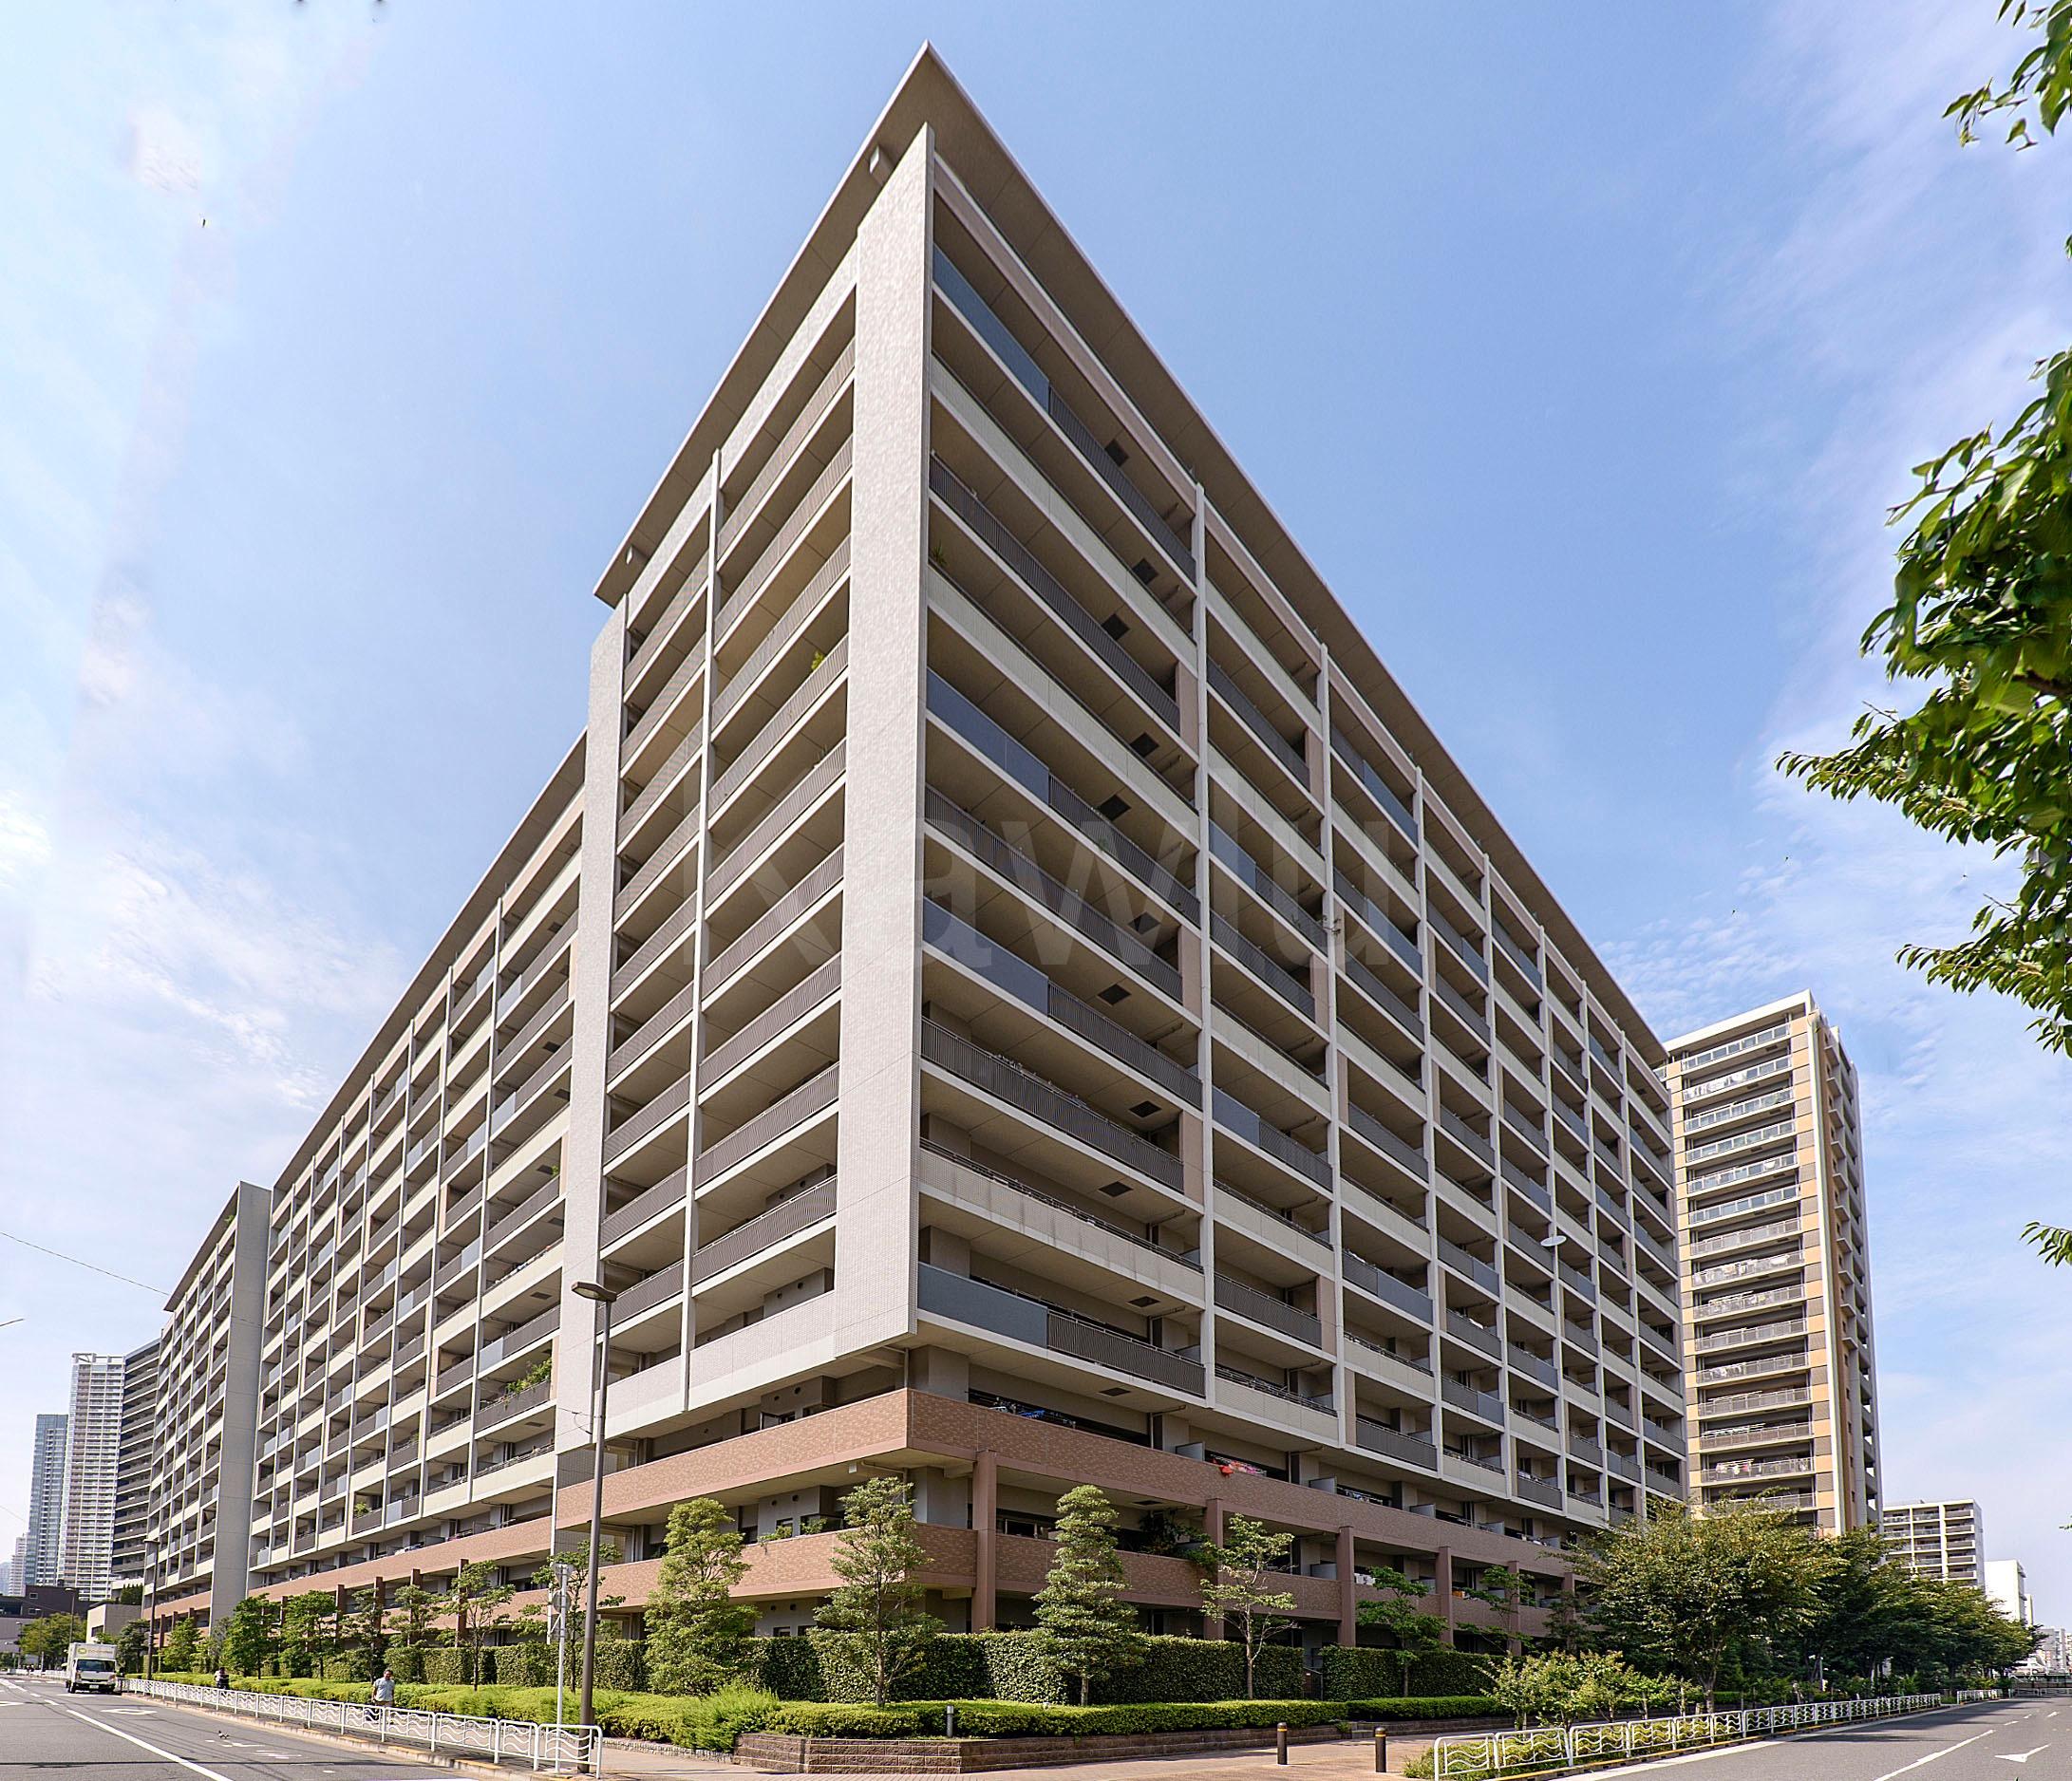 東京フロントコートは、豊洲のイチオシ大規模マンション!